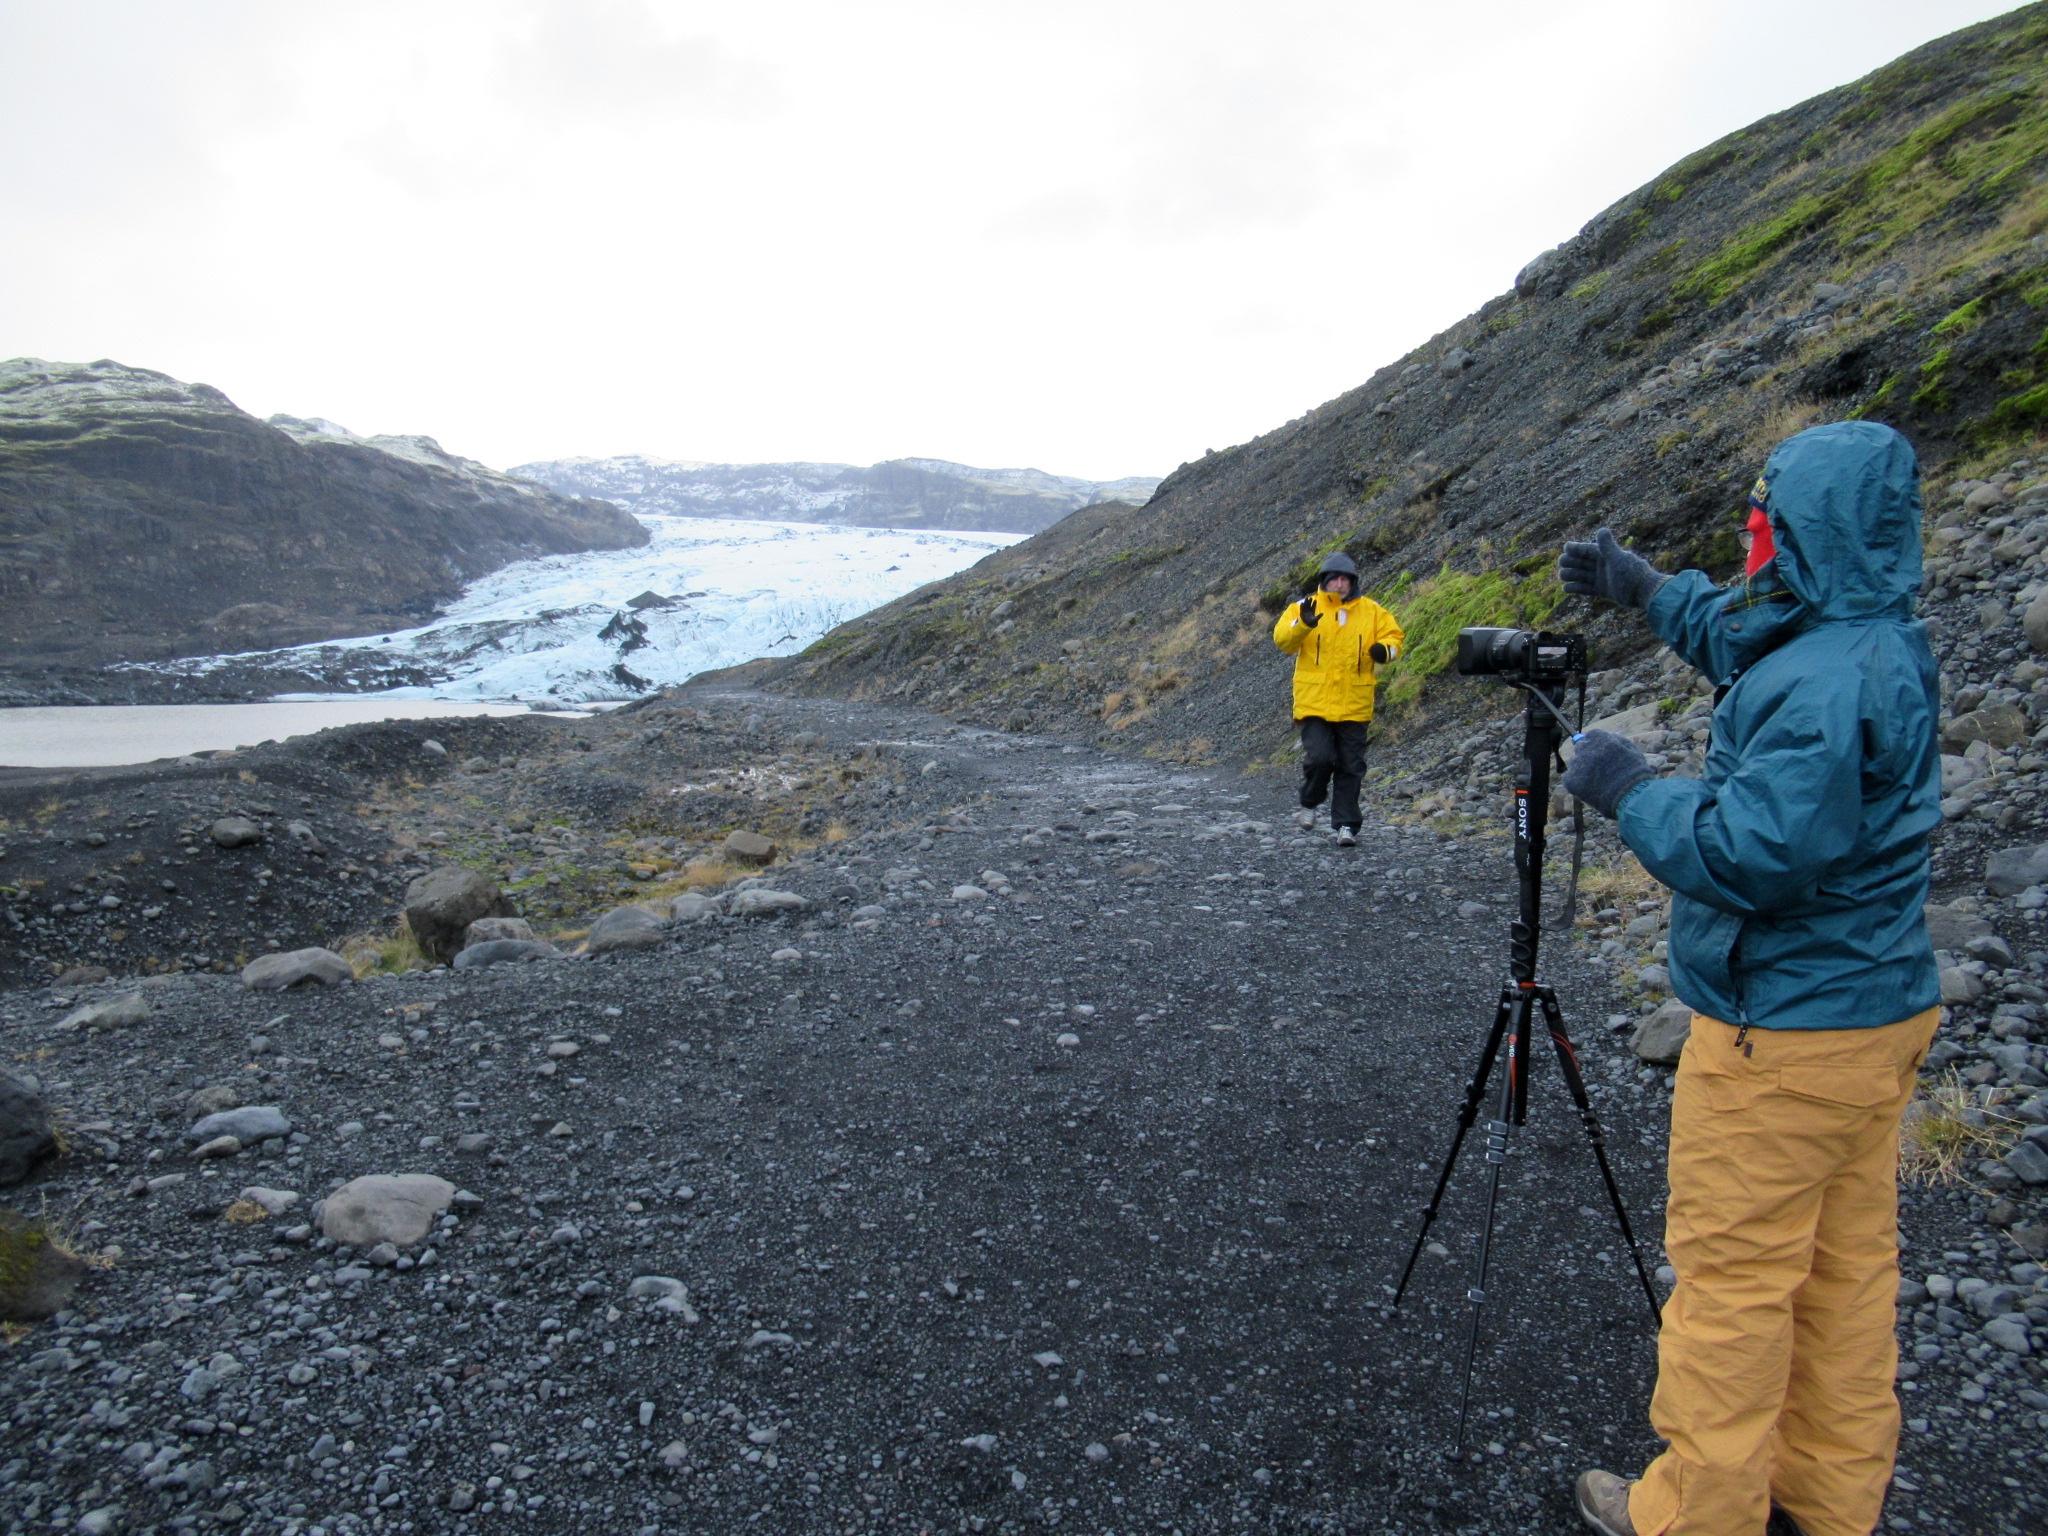 Behind the scenes - into the glacier